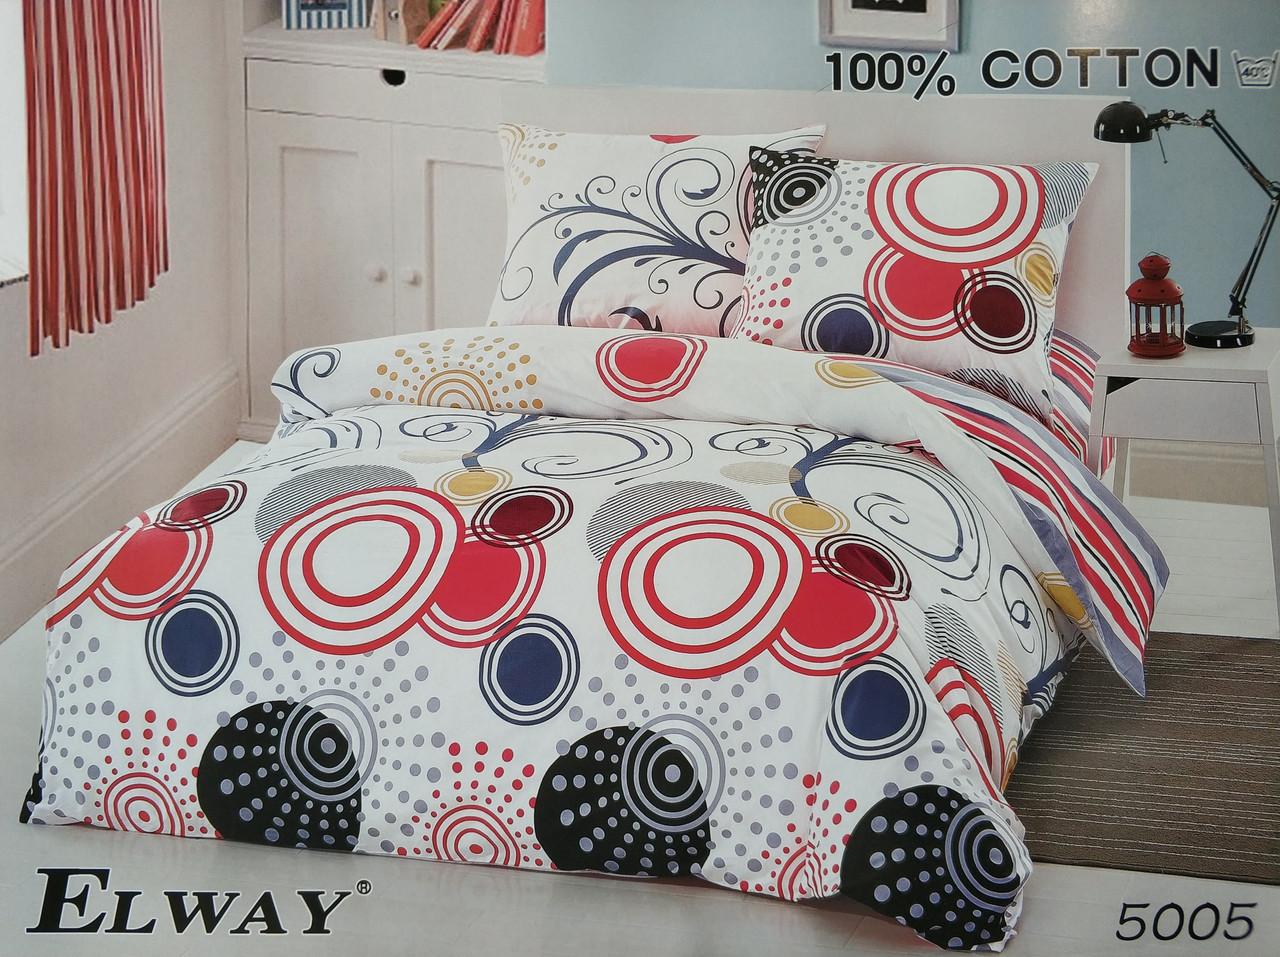 Сатиновое постельное белье семейное ELWAY 5005 «Абстракция»